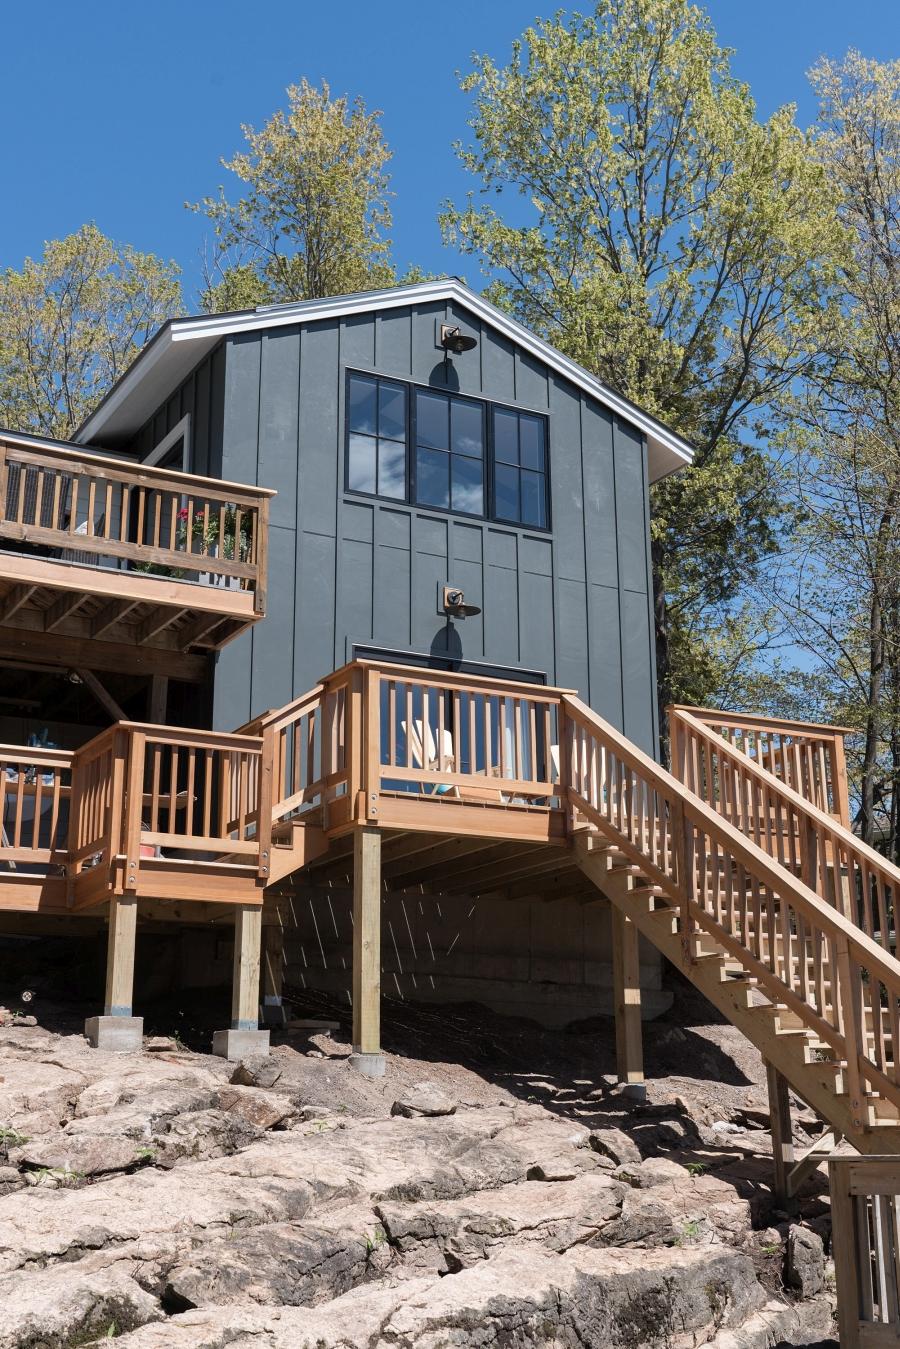 Przytulny dom nad jeziorem, wystrój wnętrz, wnętrza, urządzanie mieszkania, dom, home decor, dekoracje, aranżacje, styl Hamptons, styl rustykalny, rustic style, styl skandynawski, scandinavian style